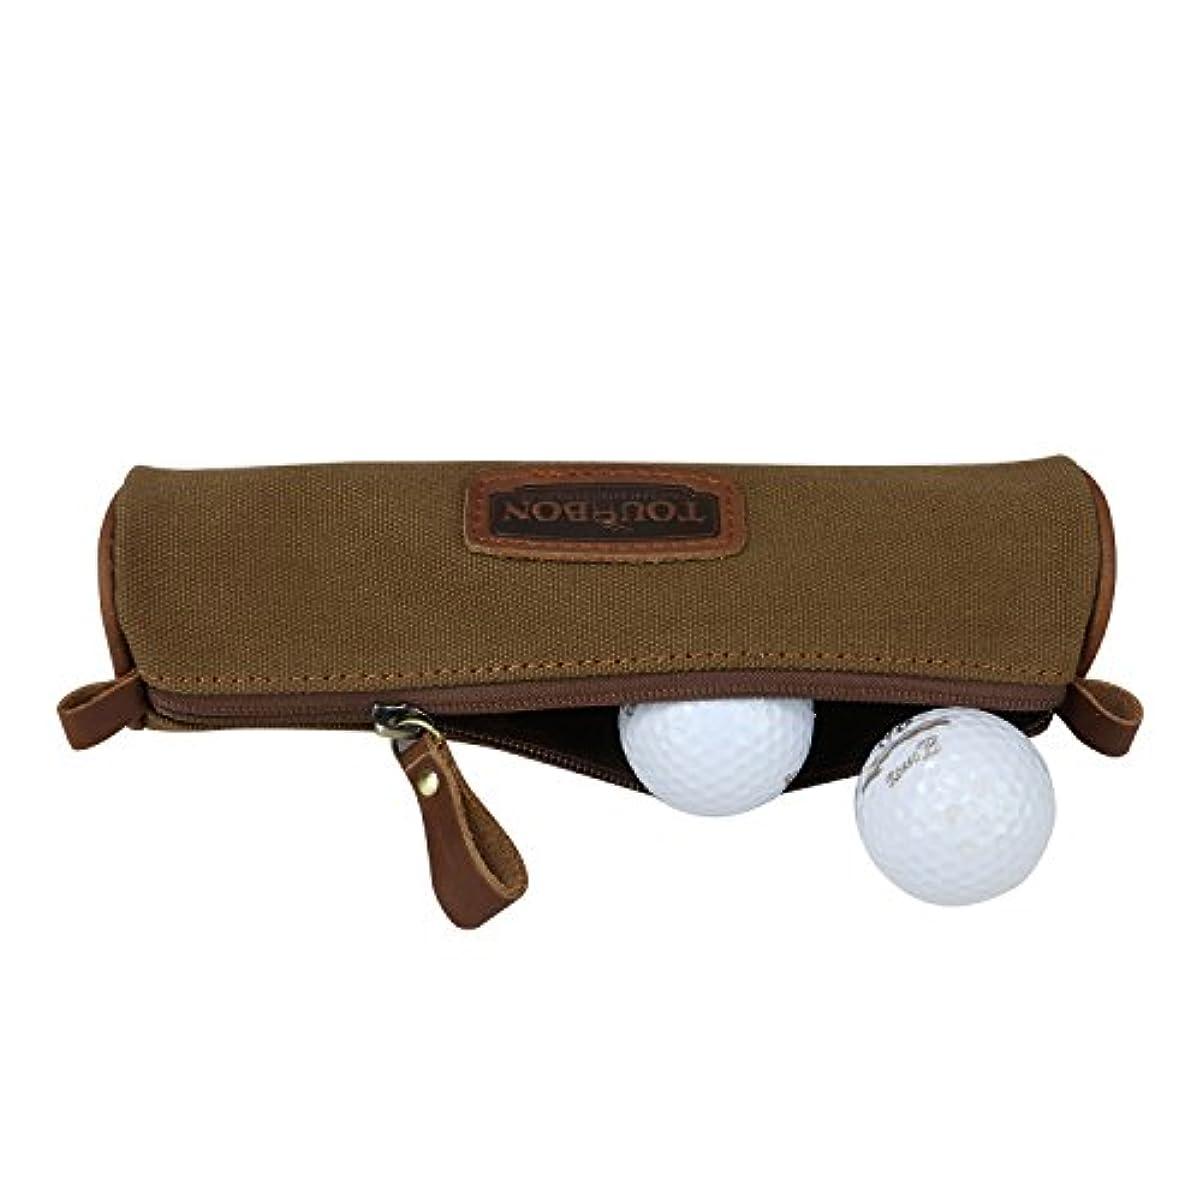 前任者楕円形ぞっとするようなTourbonキャンバスゴルフボール ホルダー ポーチ 学生鉛筆ケース ステーショナリーバッグ